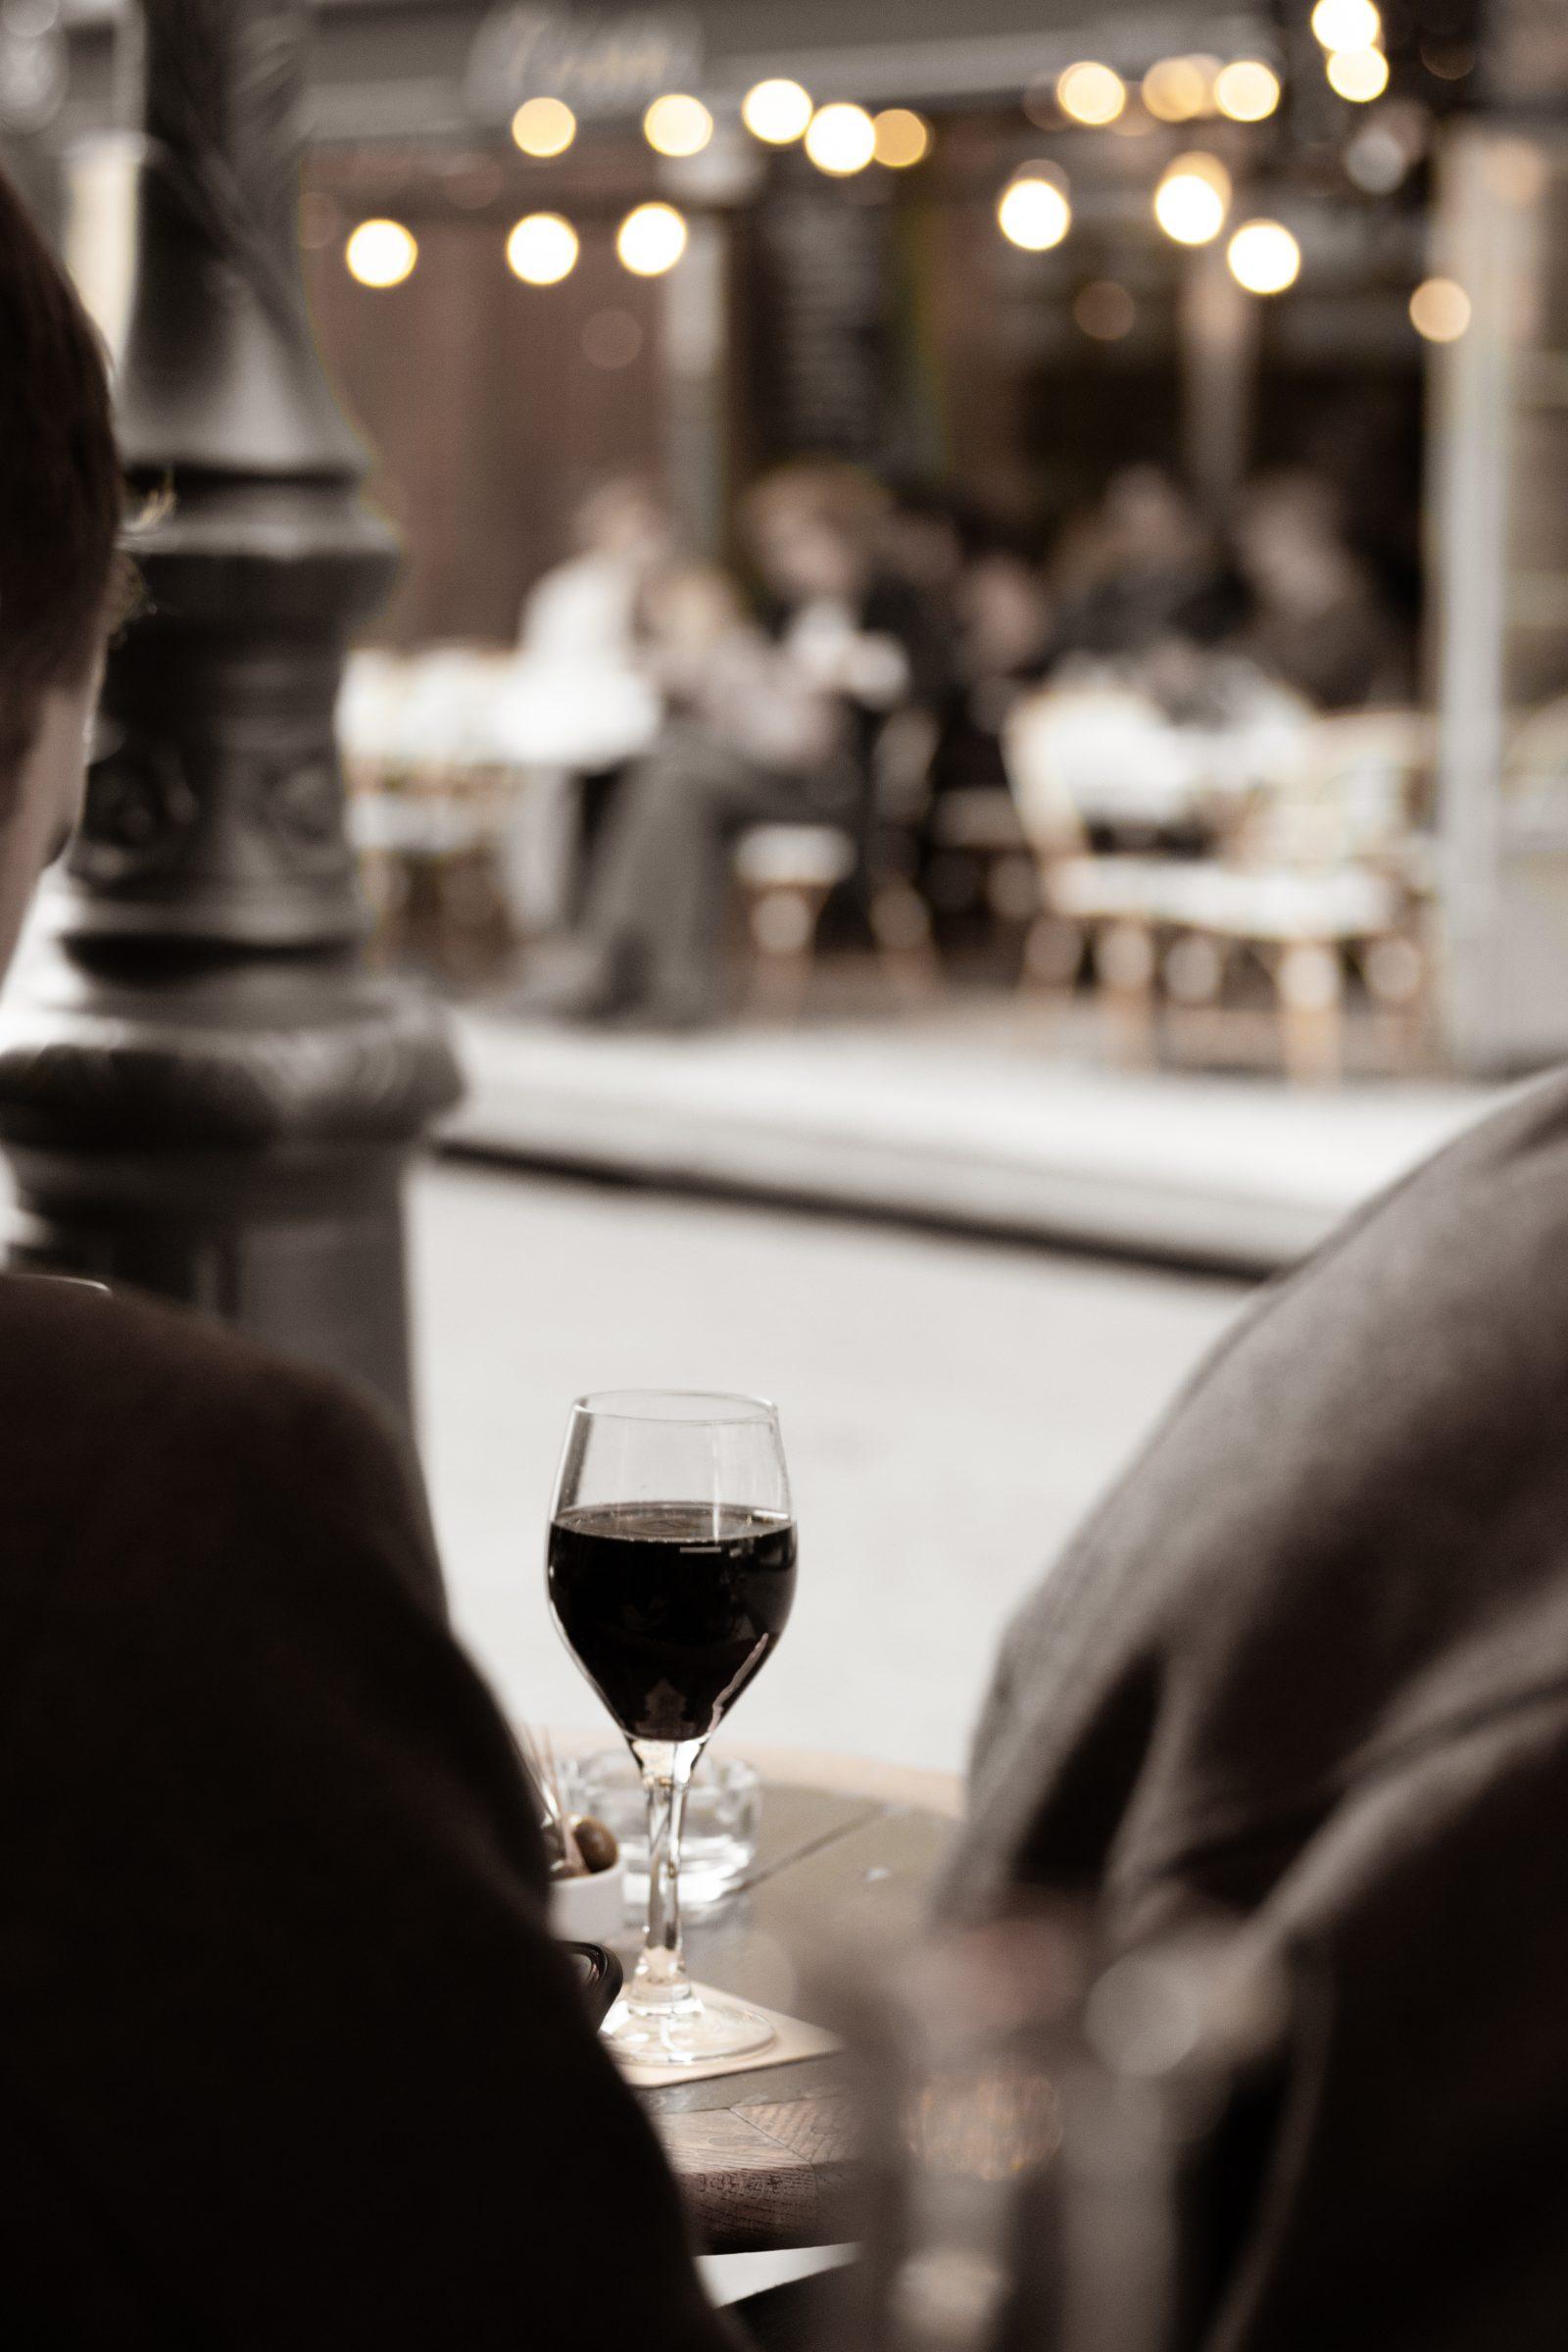 Vin rouge på café